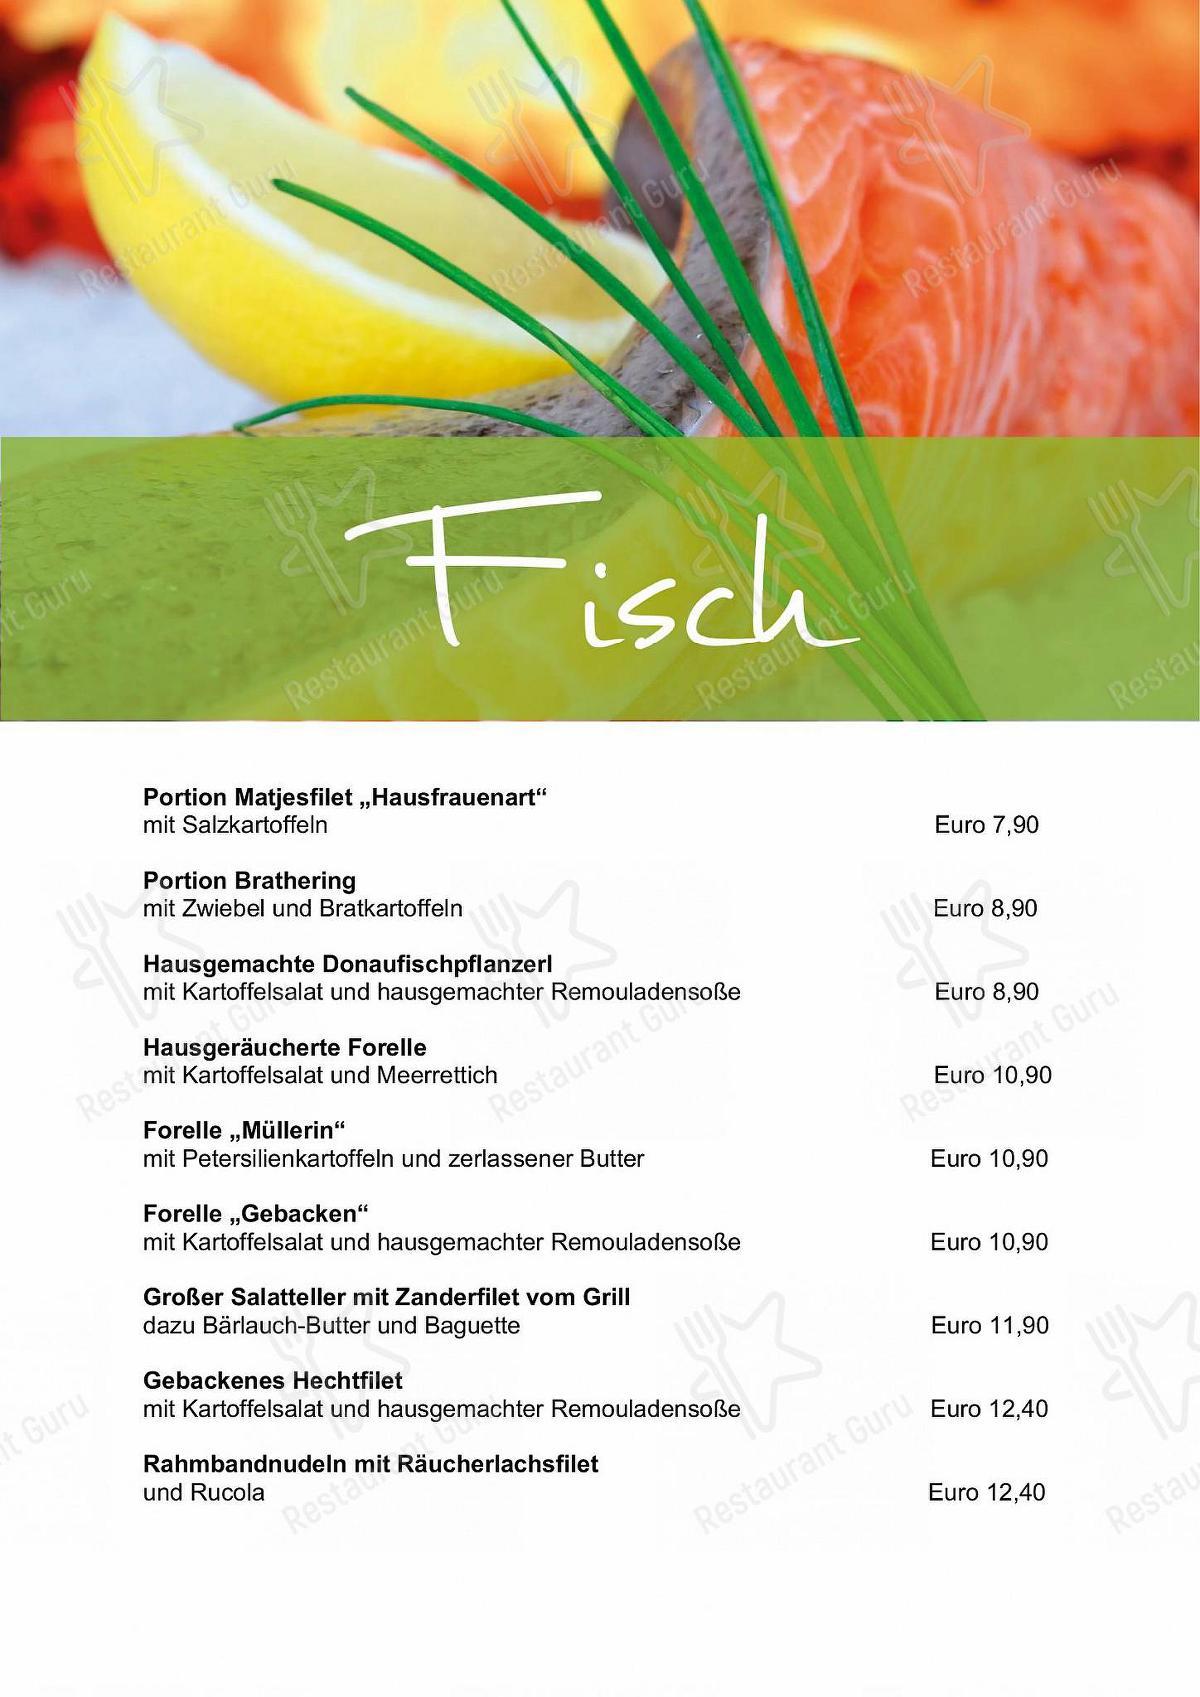 Speisekarte Von Hotel Cafe Rathaus Zum Fischerwirt Cafe Bad Abbach